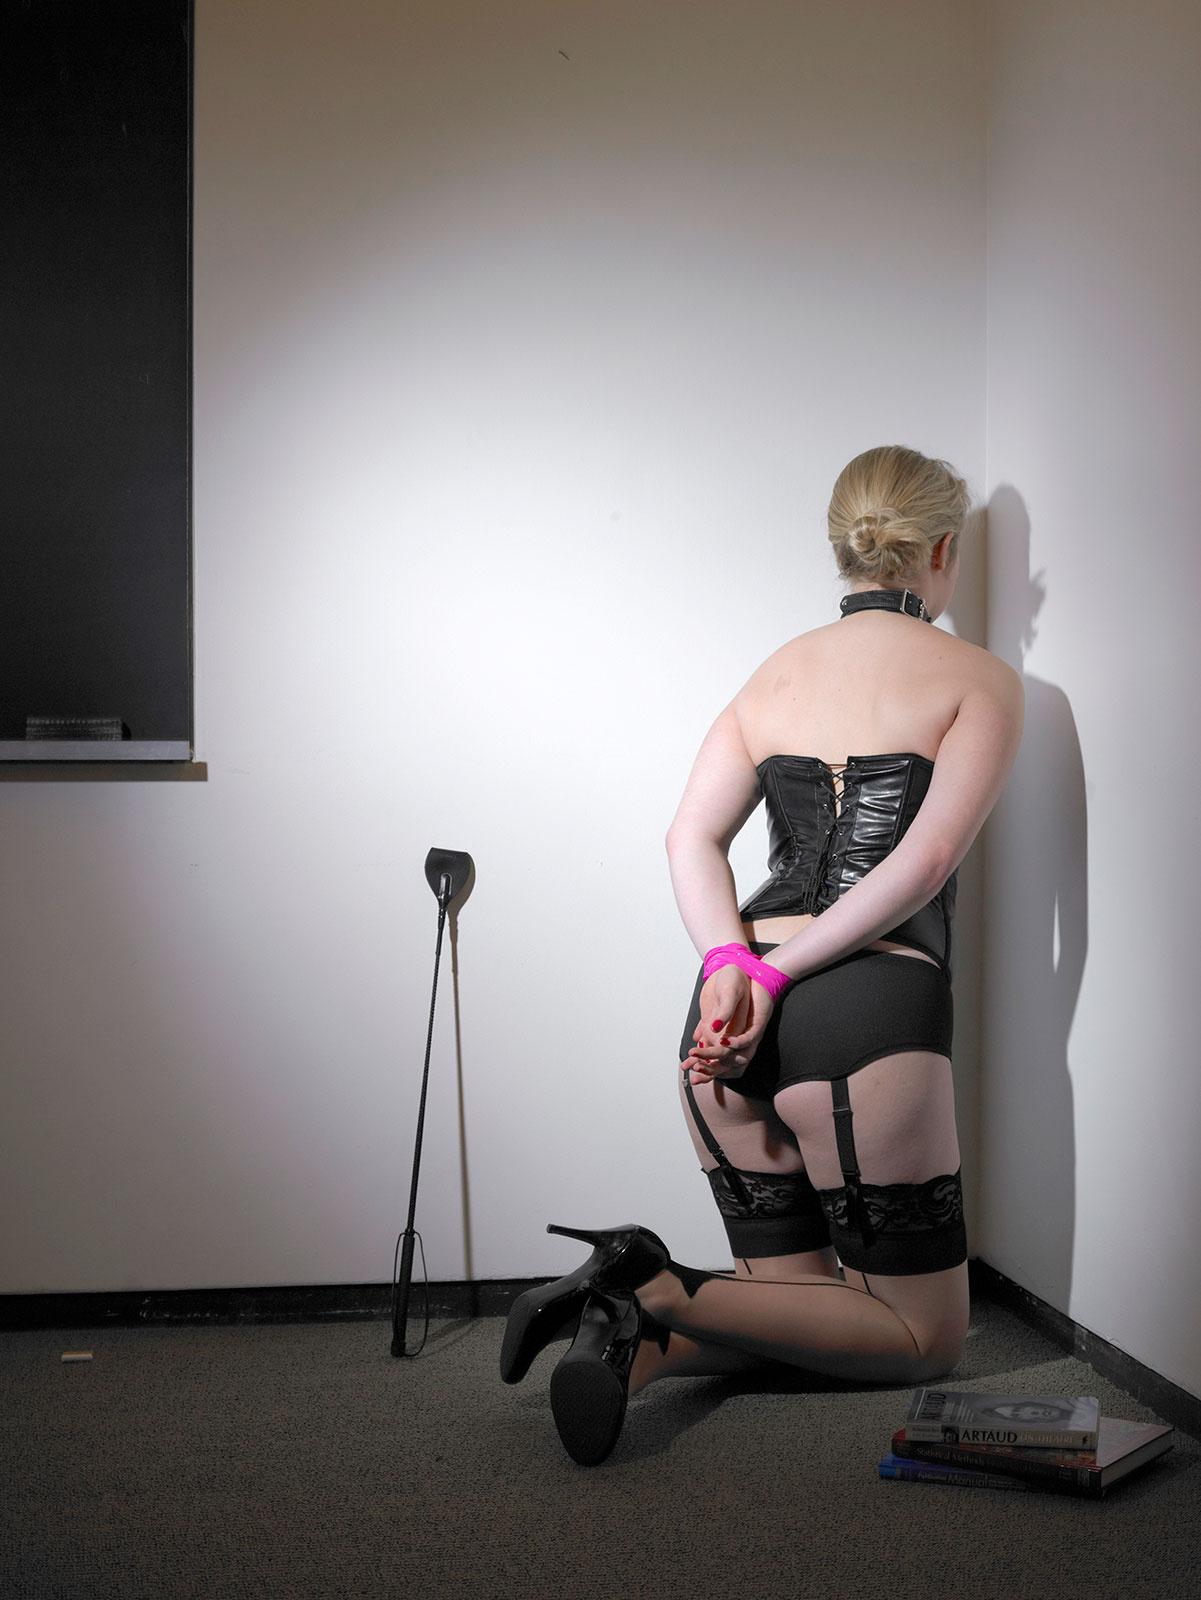 18+: Latex, bőr és szájpecek: őrült erotikus fotókat mutatunk